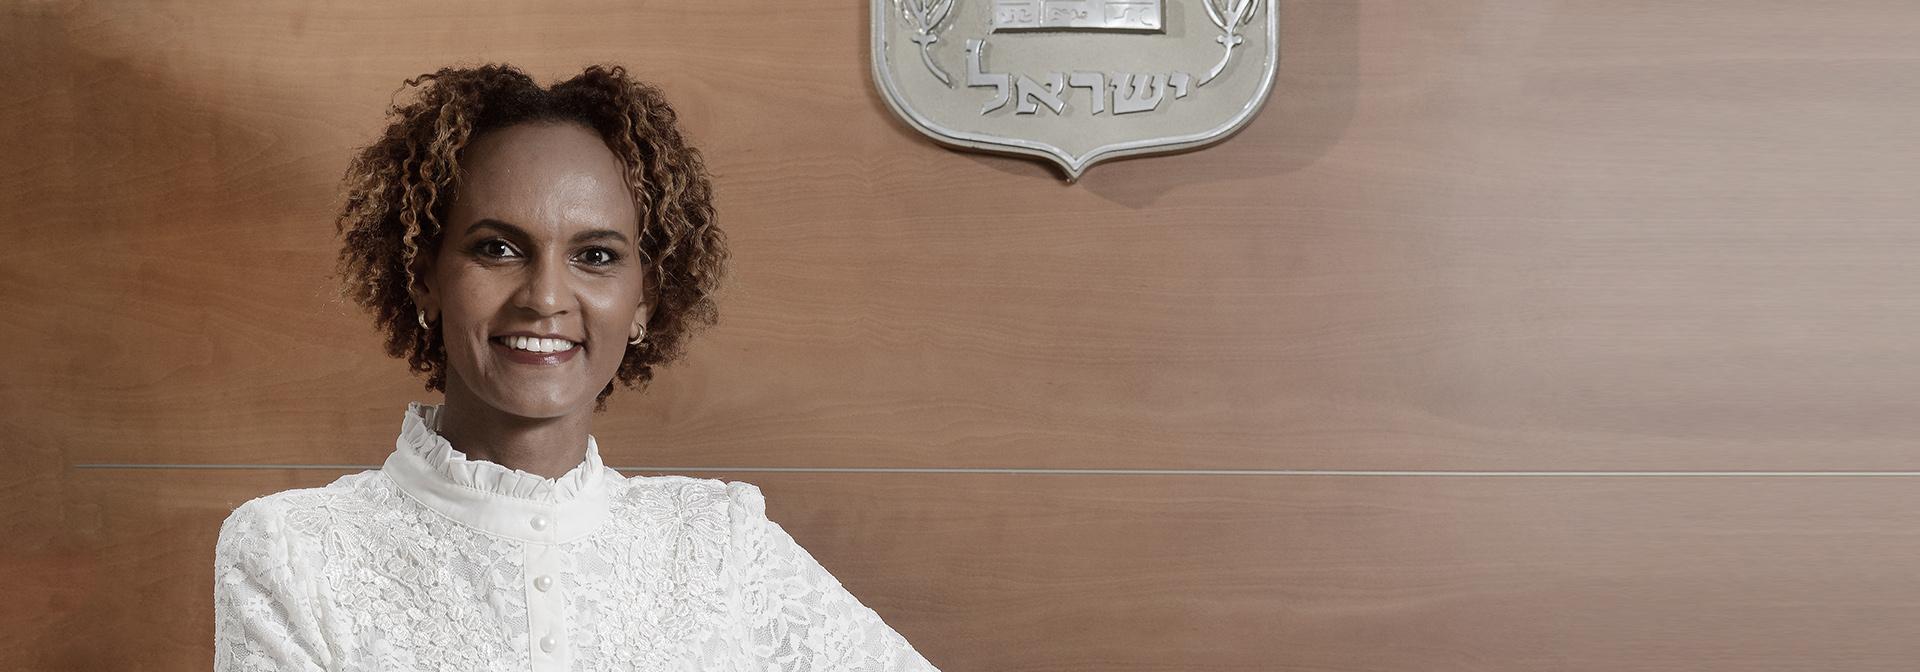 חמישים הנשים המשפיעות לשנת 2017 - אדאנקו סבחת חיימוביץ / צילום: איל יצהר